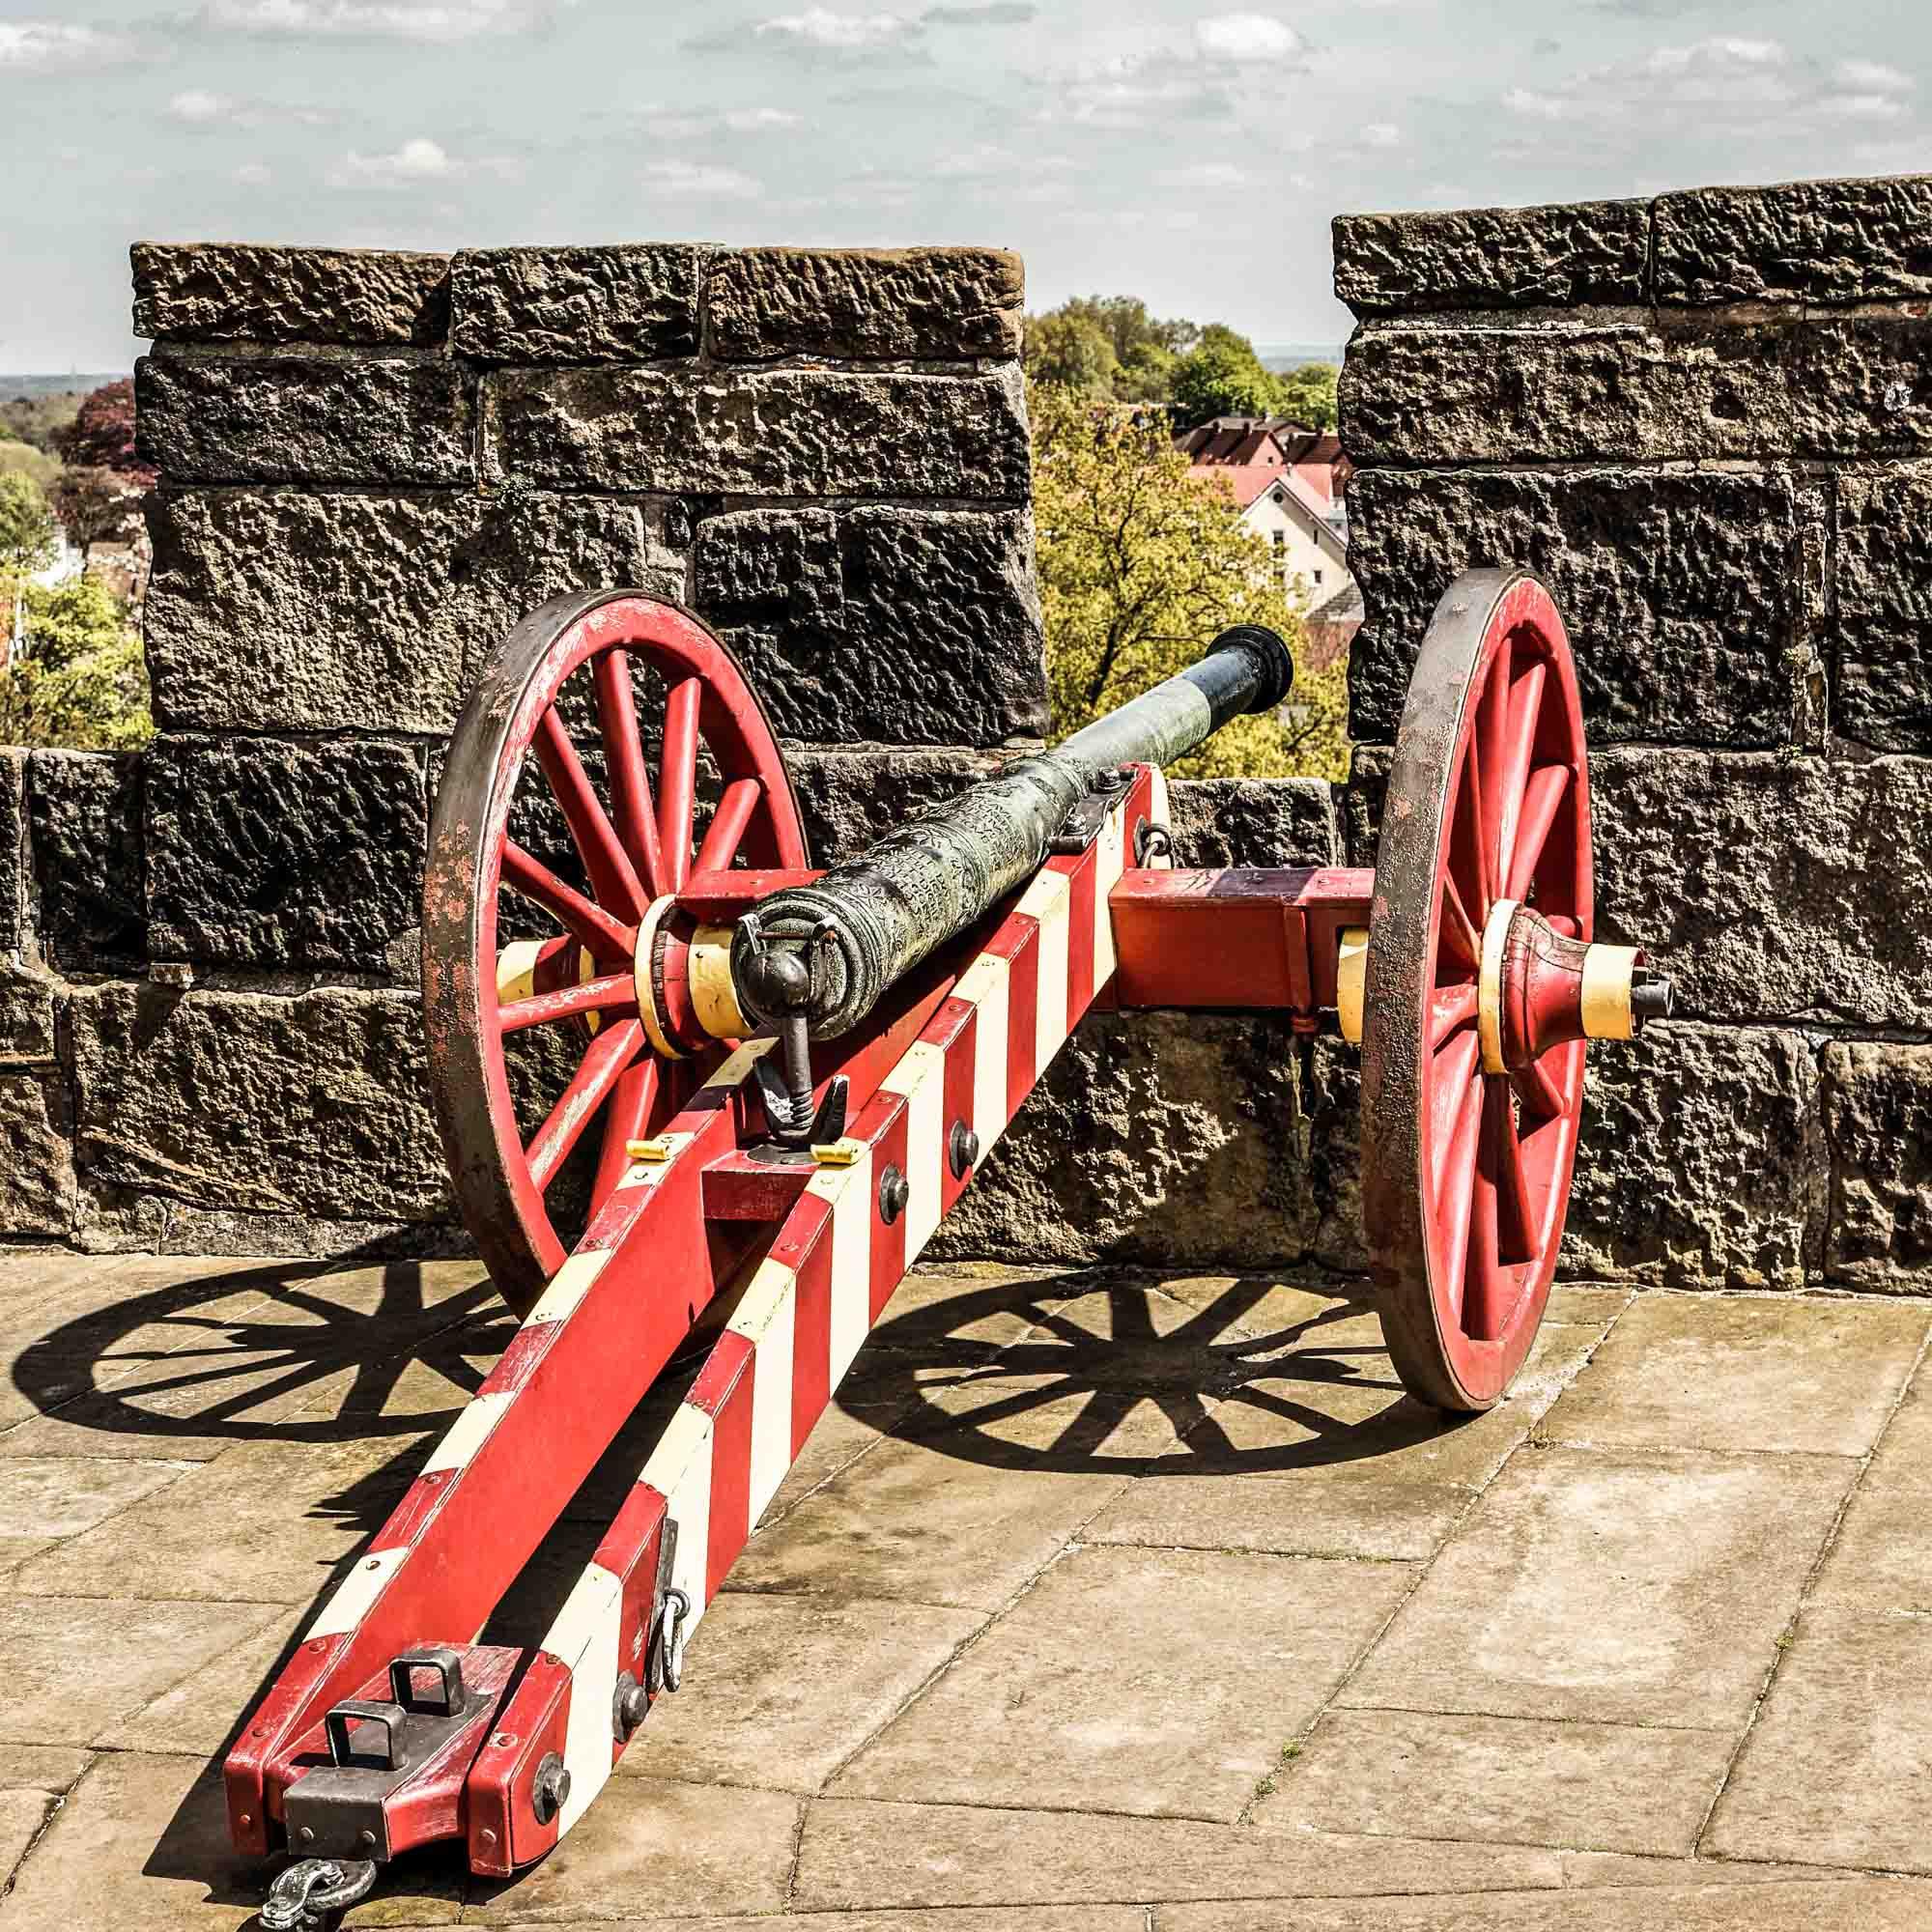 Kanonnen op de muur van de Burcht ©Andreas Richter